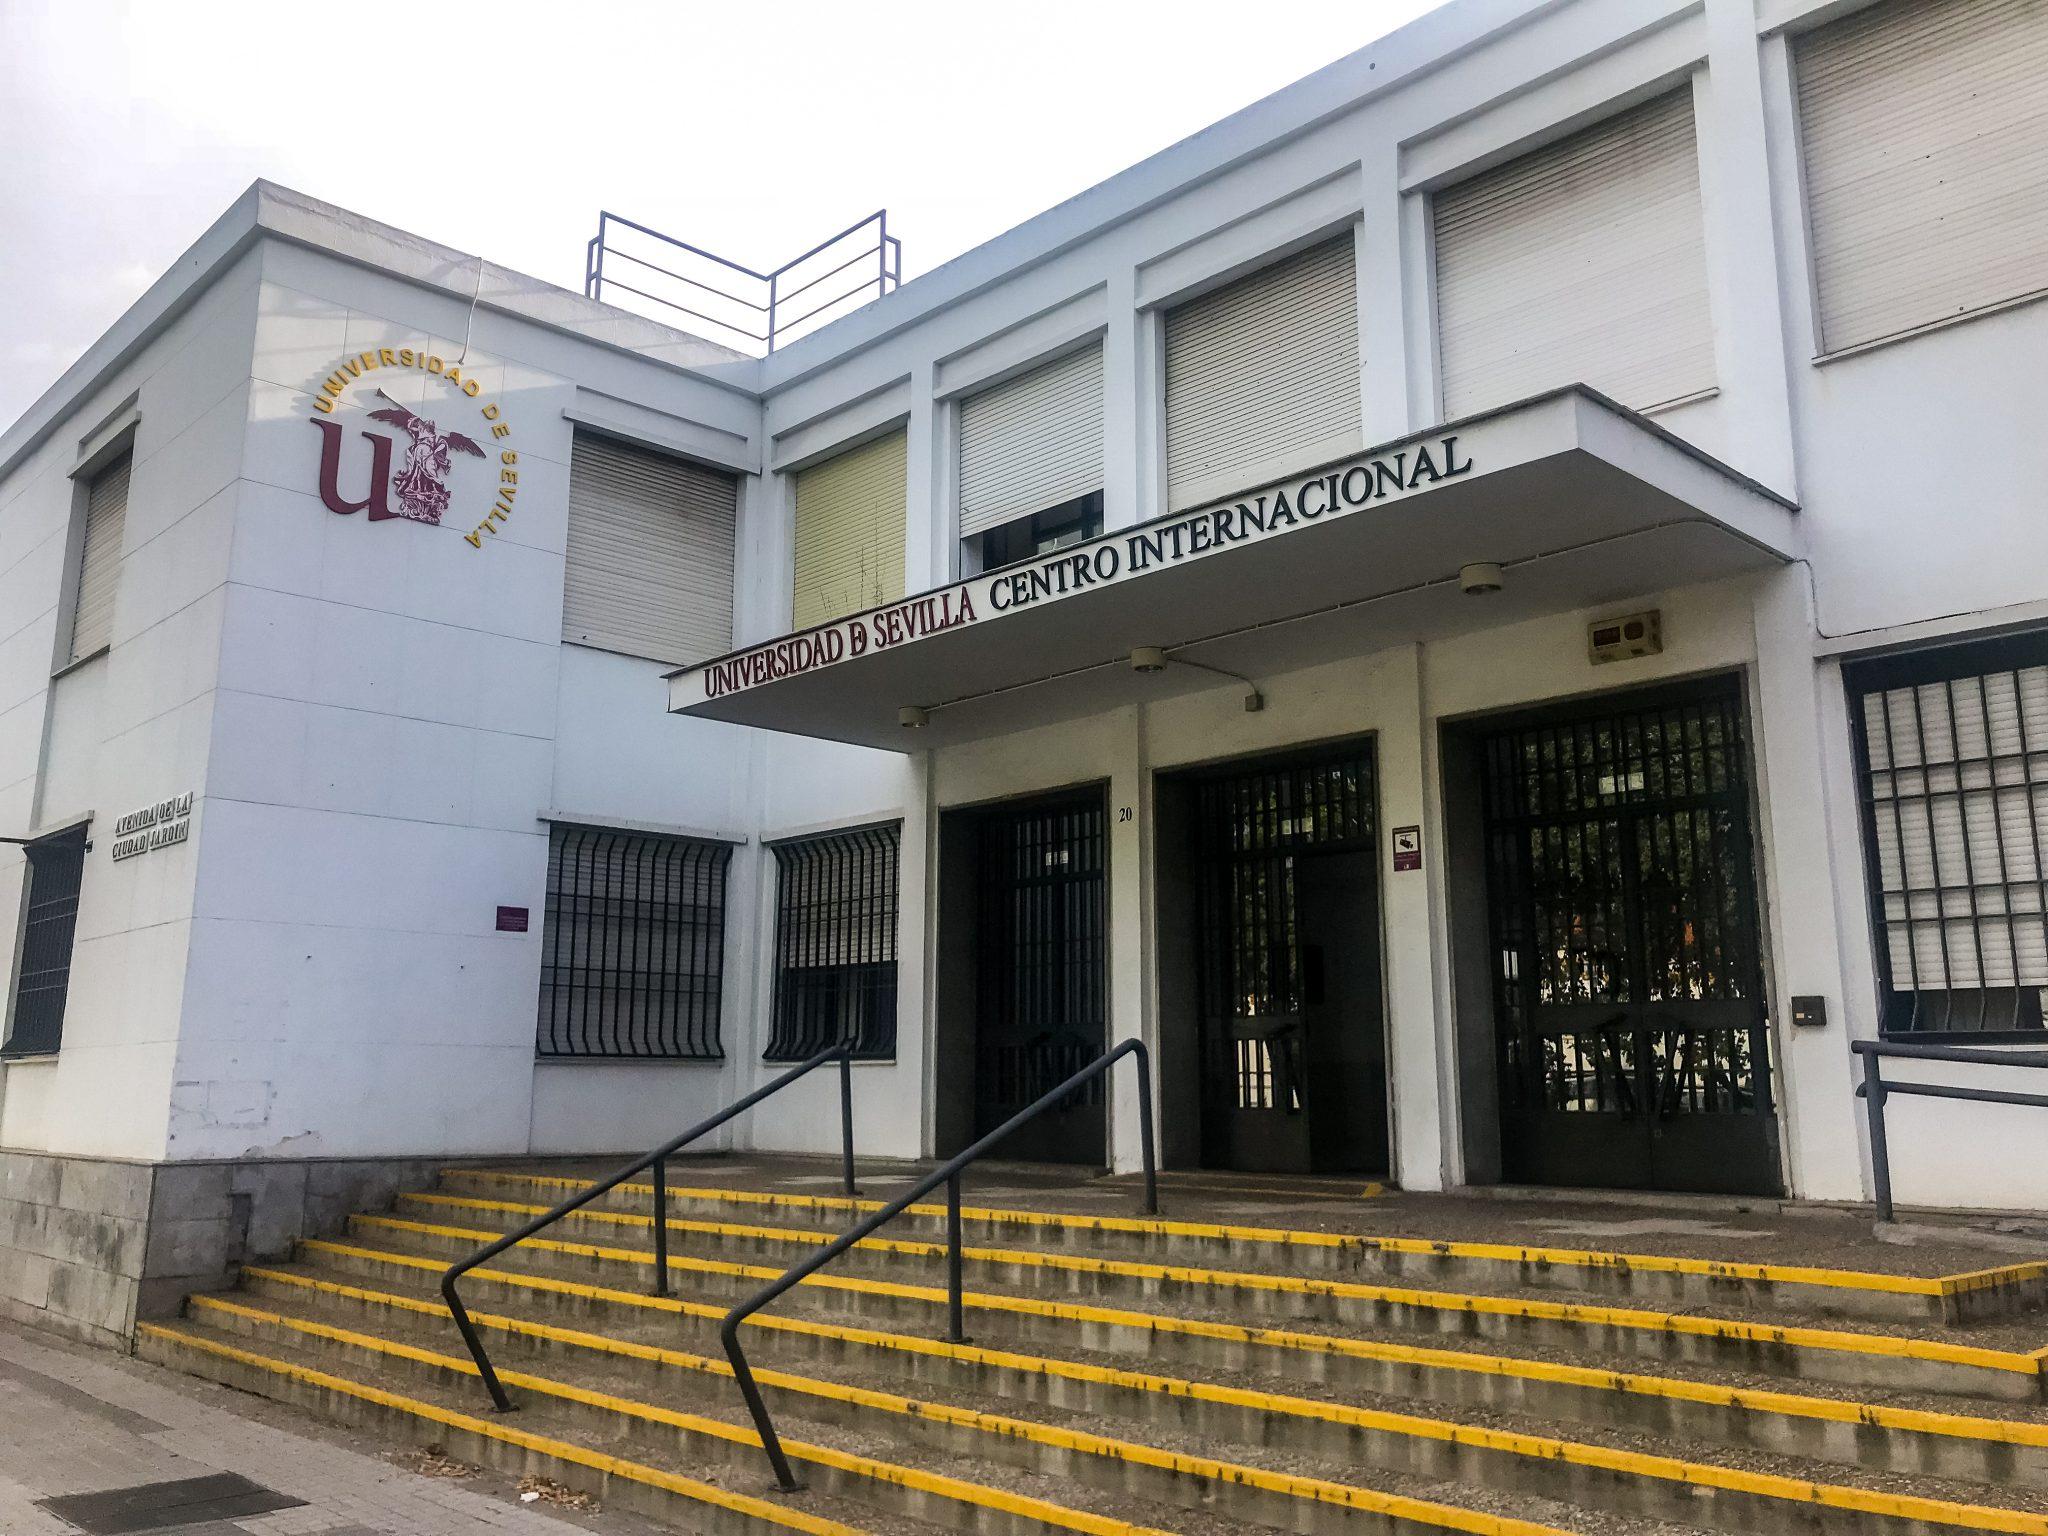 Einer der Haupteingänge vom Centro Internacional, der andere sieht genauso aus.